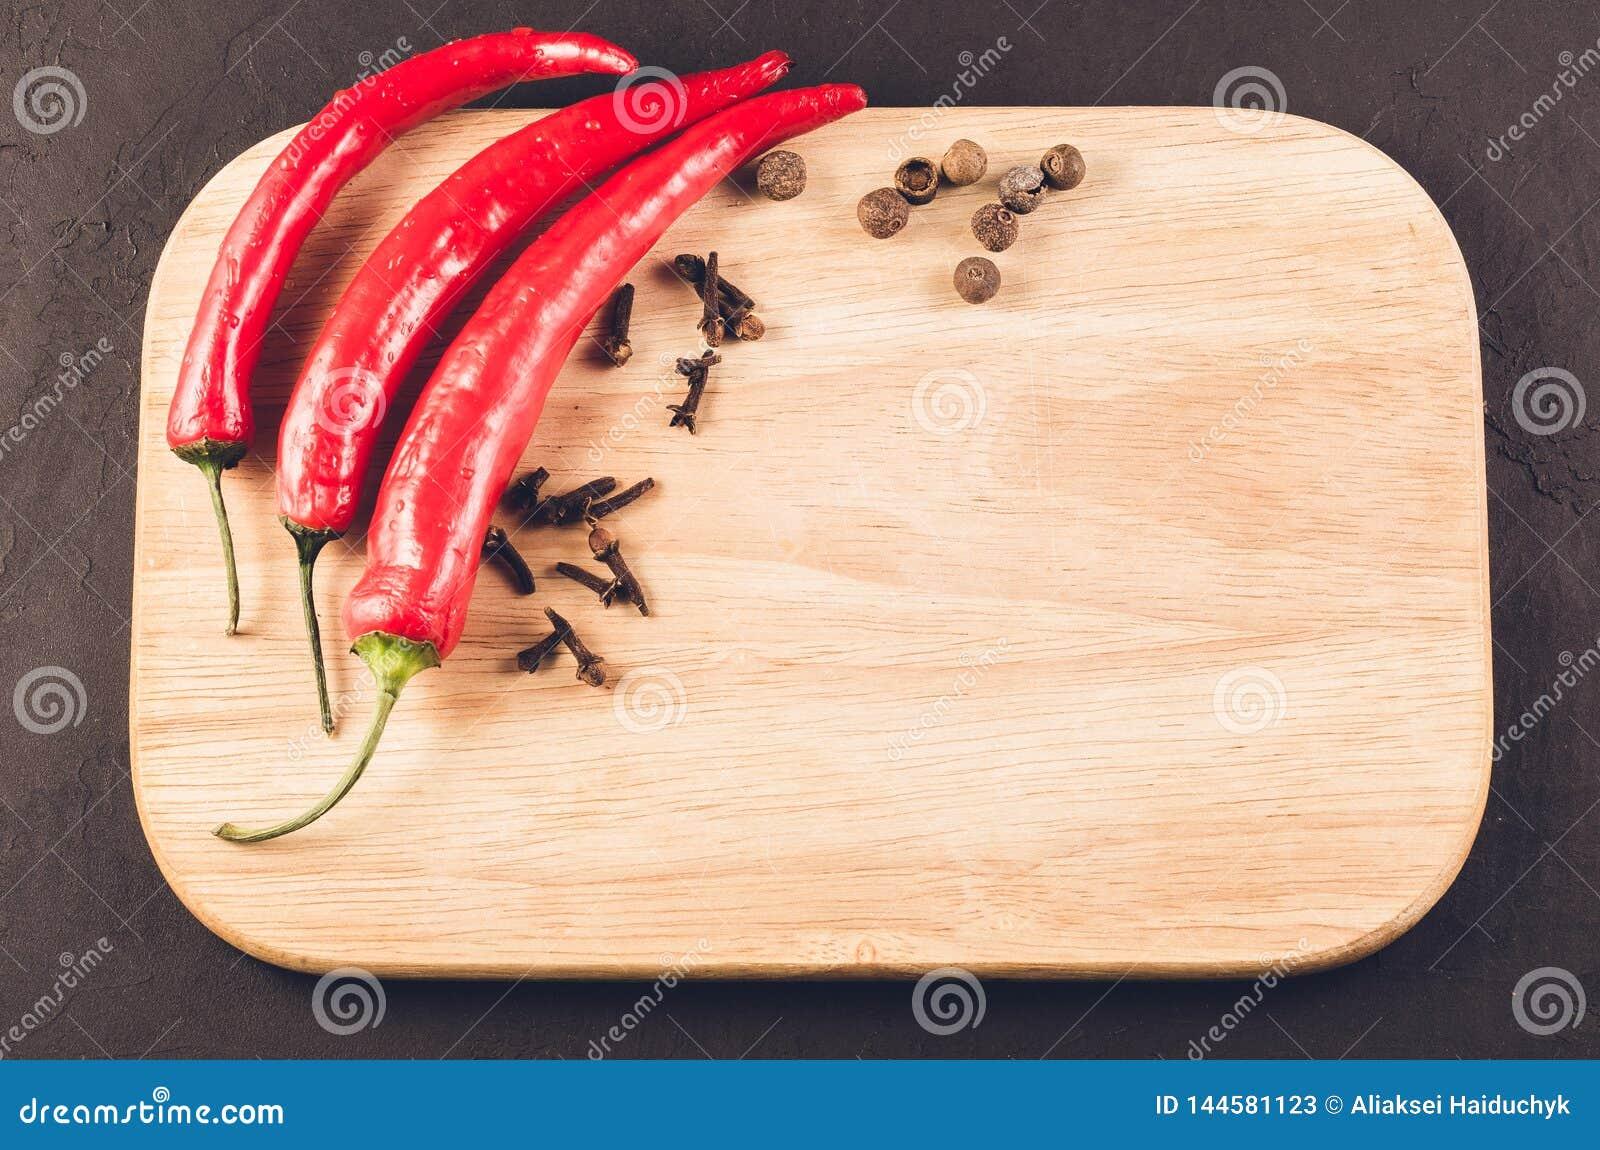 Peperoncini e spezie su un tagliere vuoto/peperoncini roventi e spezie roventi su un tagliere vuoto su un buio